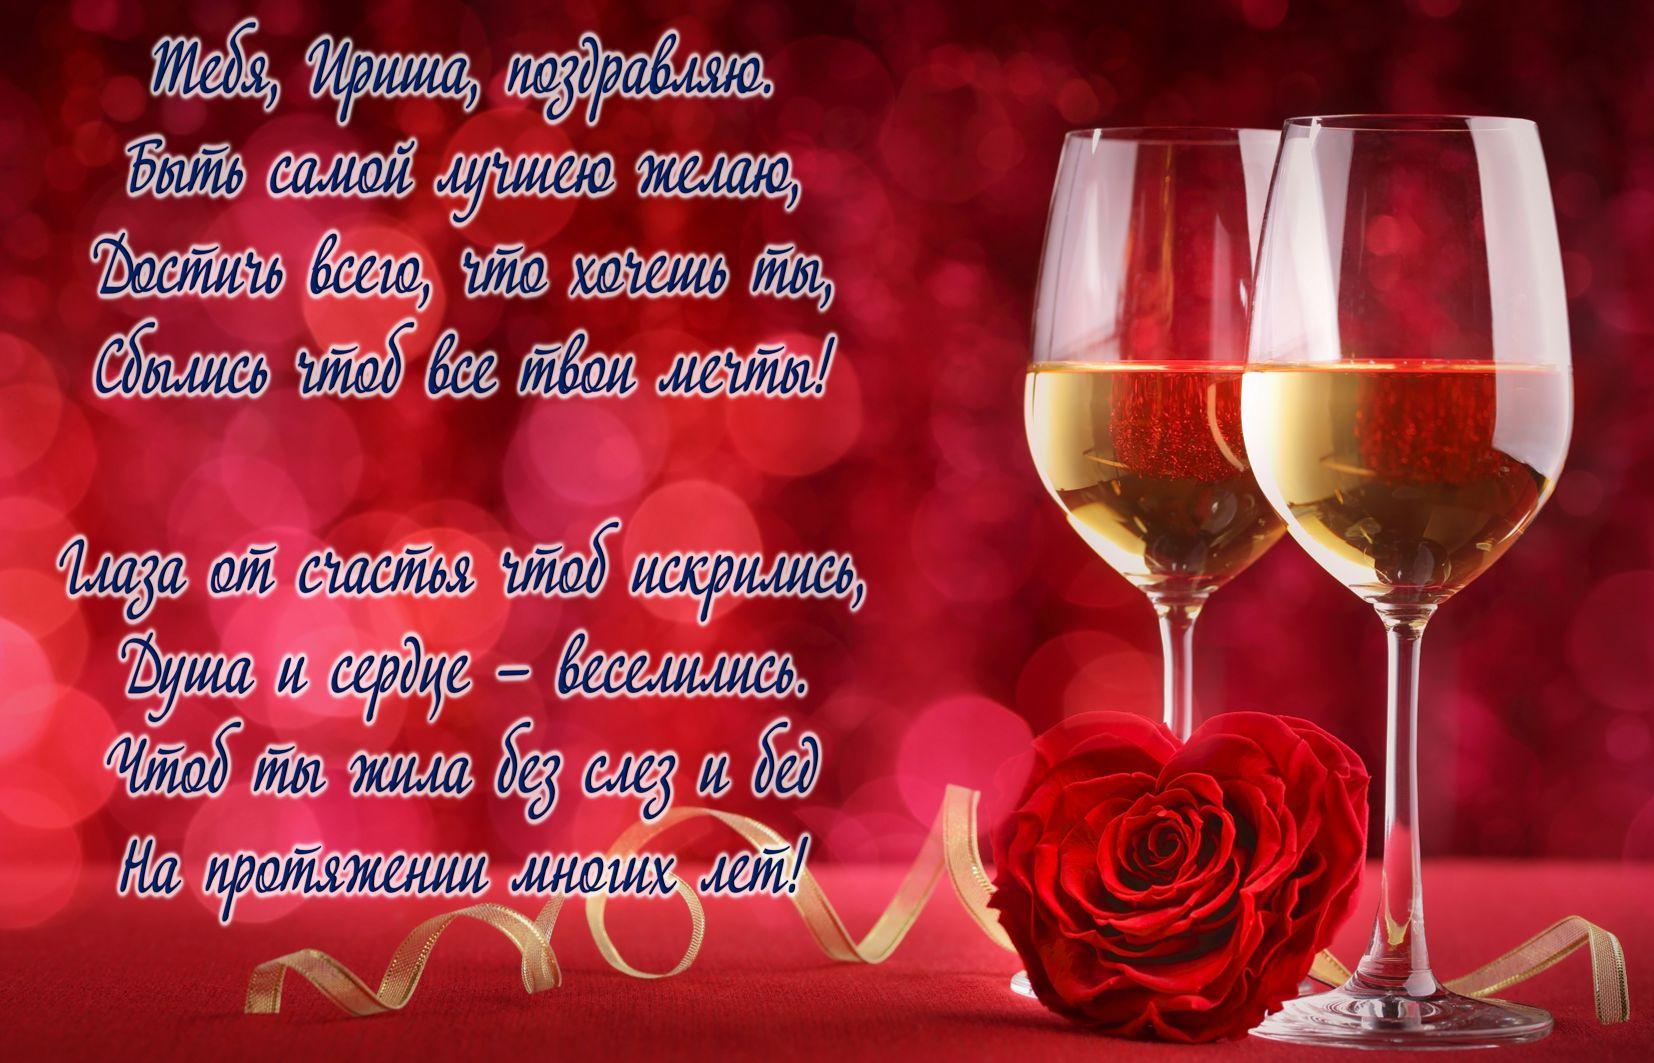 Открытка с Днем рождения Ирине - пожелание в стихах на красном фоне